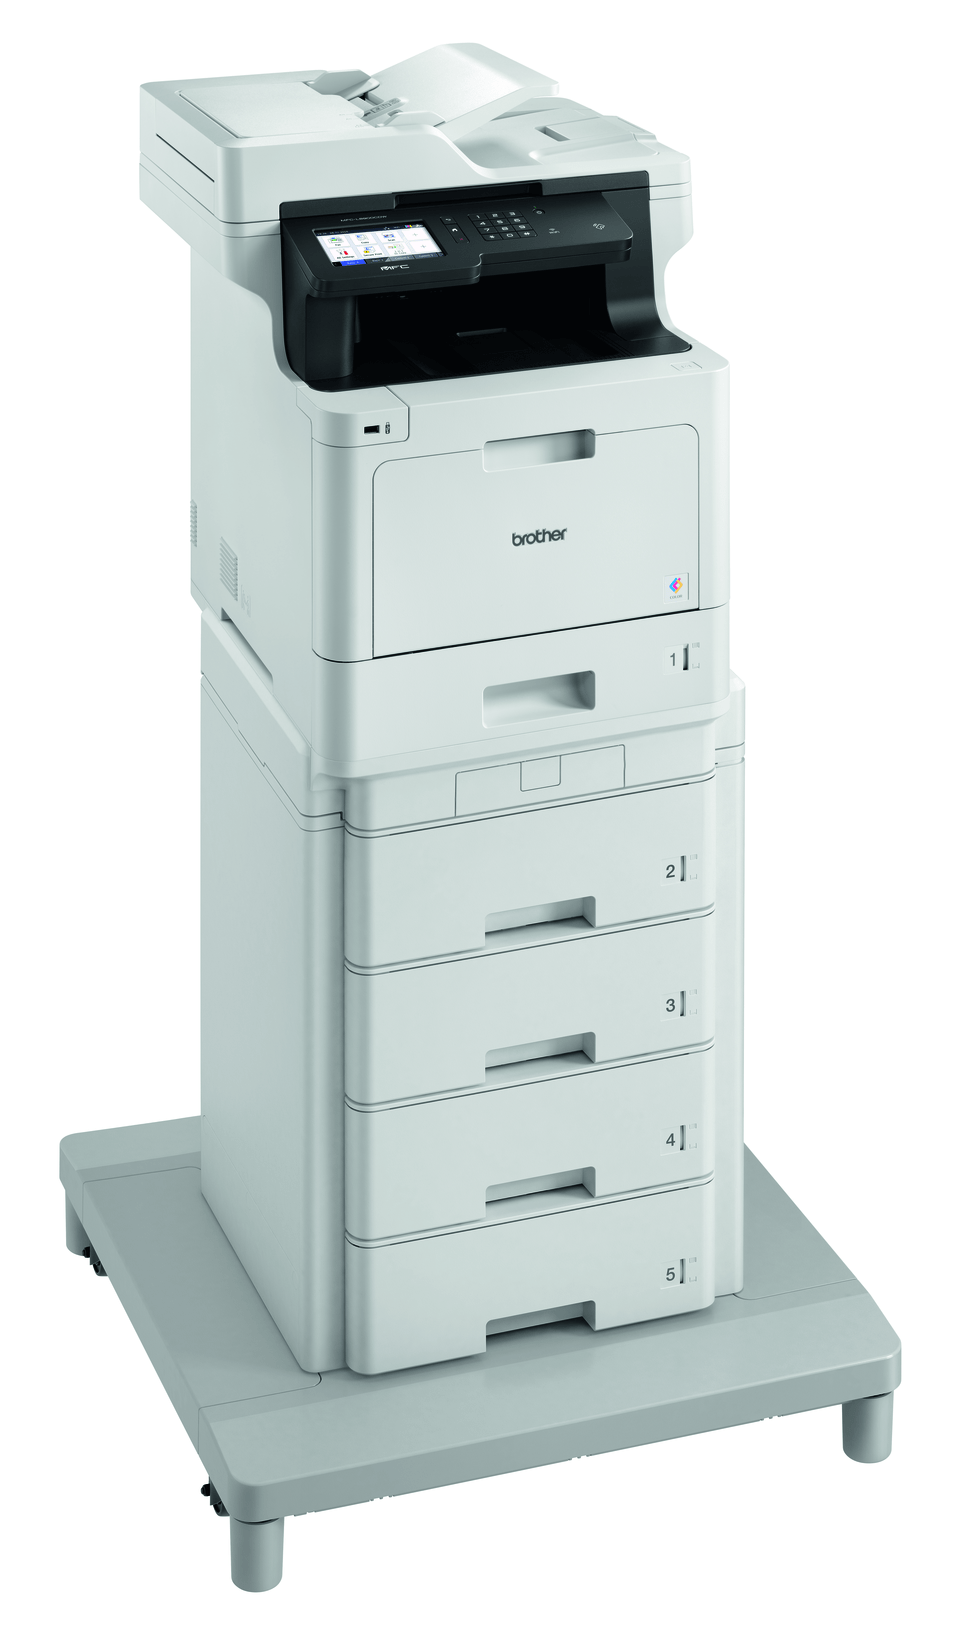 MFC-L8900CDWMT er en professionel alt-i-én laserprinter med dobbeltsidet print og trådløst netkort. 3